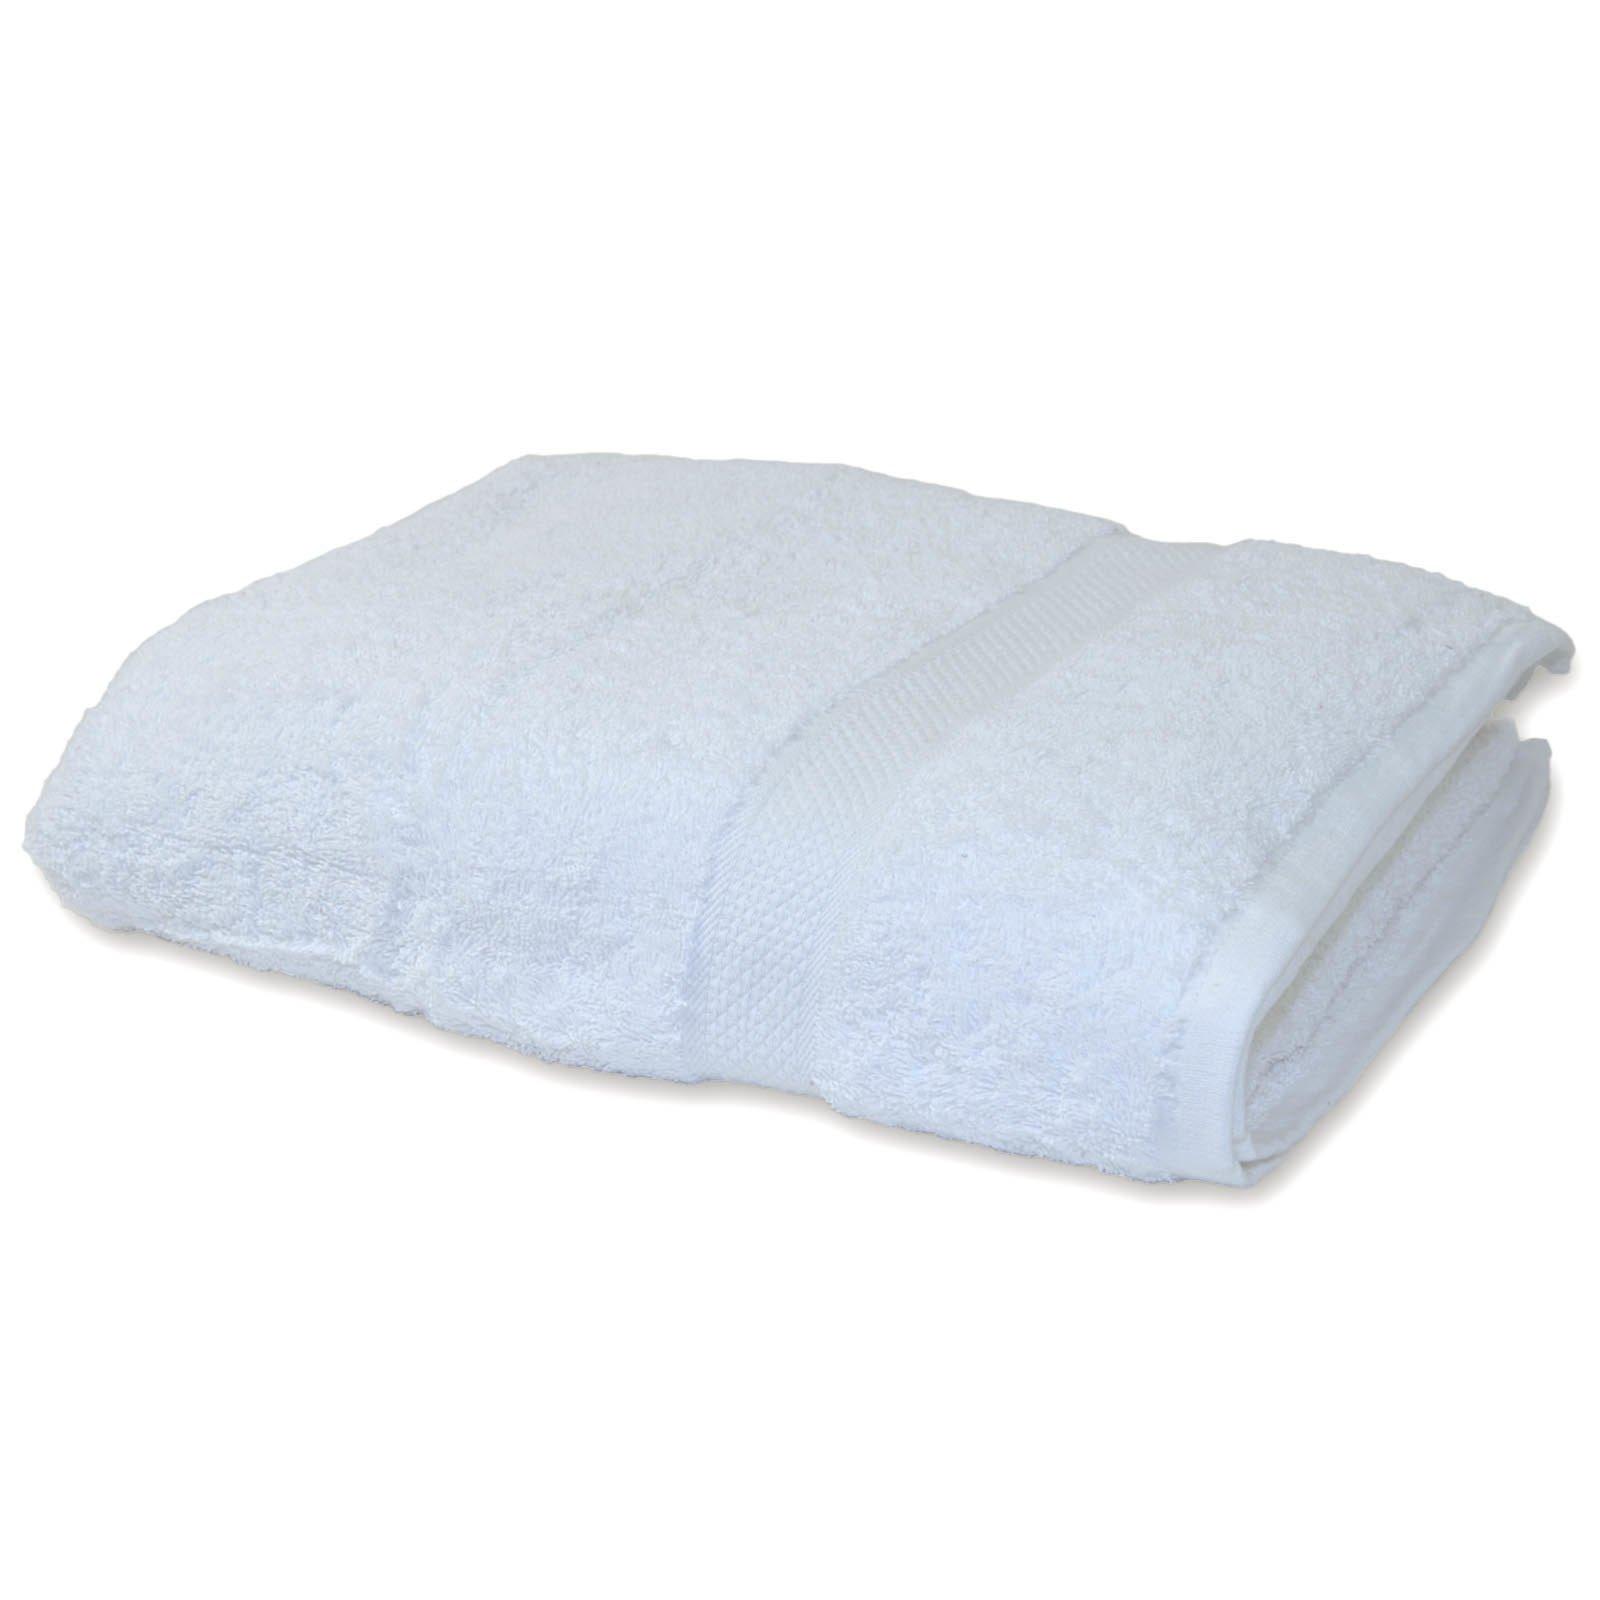 badetuch premium wei 70x140 cm baumwolle badet cher badtextilien bad accessoires. Black Bedroom Furniture Sets. Home Design Ideas